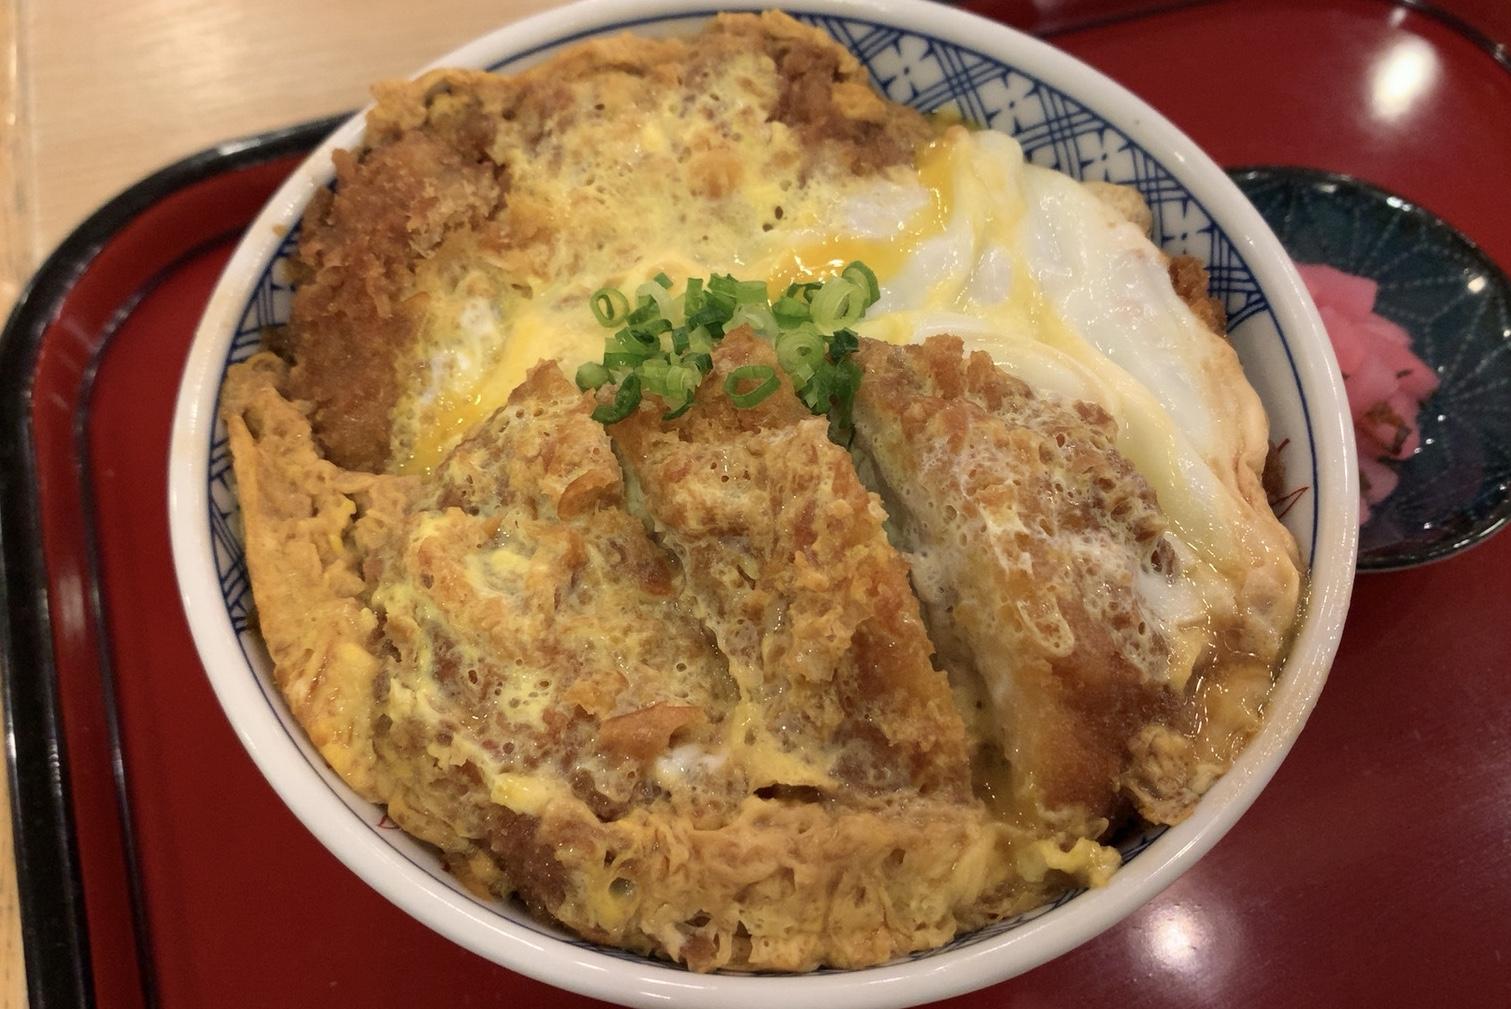 札幌・厚別区 かつてん デュオ新札幌店